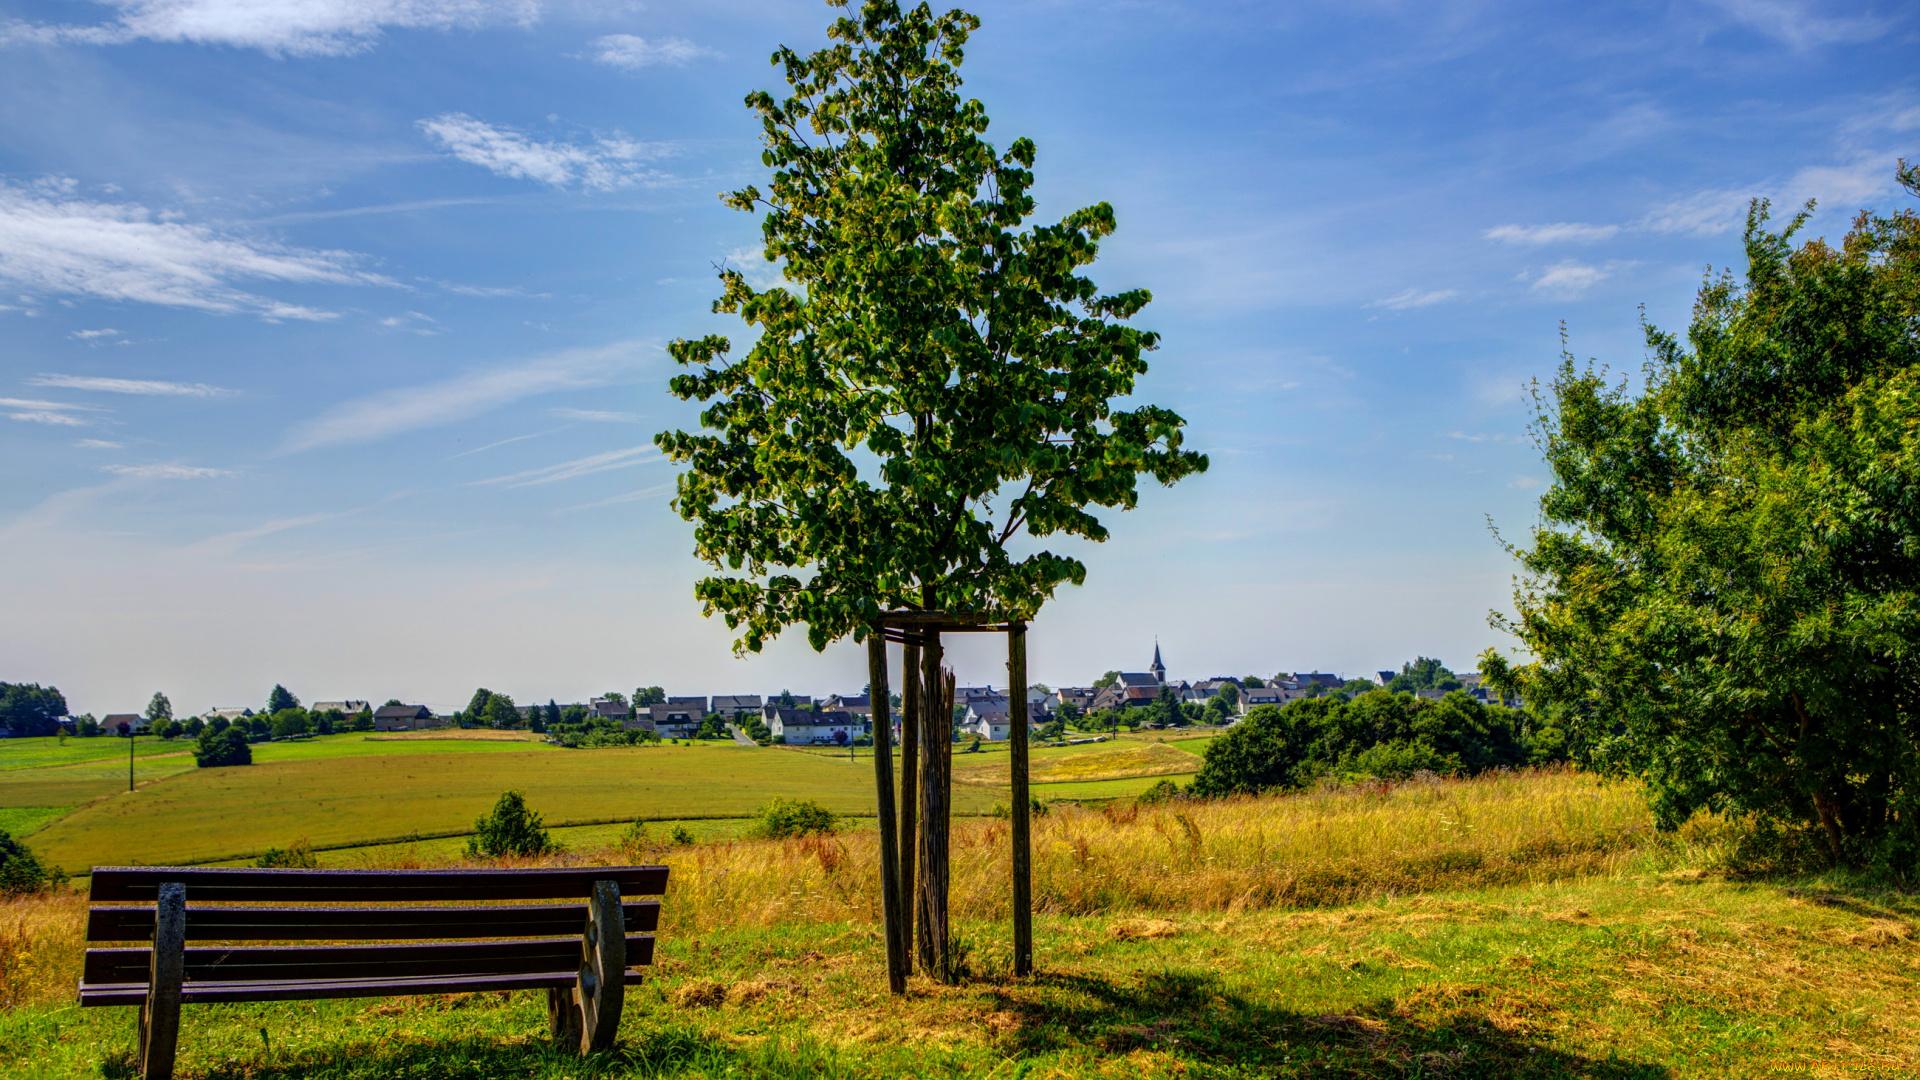 дерево скамейка закат трава скачать